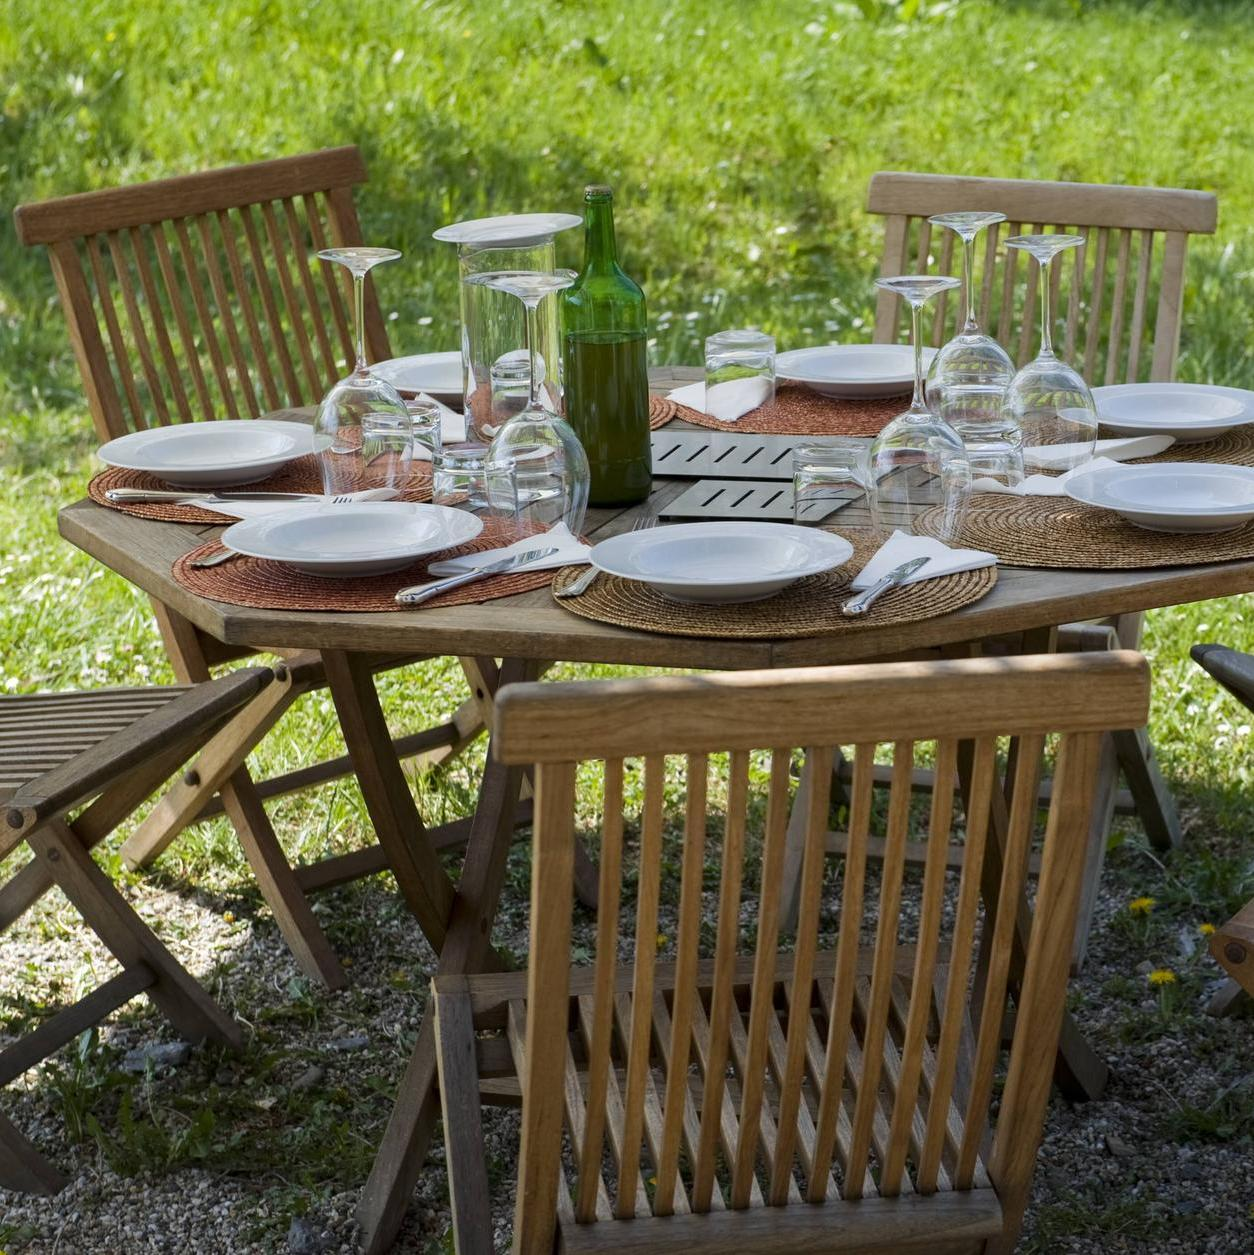 Full Size of Lidl Gartentisch Florabest Aluminium Online Gartentischdecken Tisch Ausziehbar Glas Alu Klappbar Holz Angebot Kaufen Aus Polyrattan Wohnzimmer Lidl Gartentisch